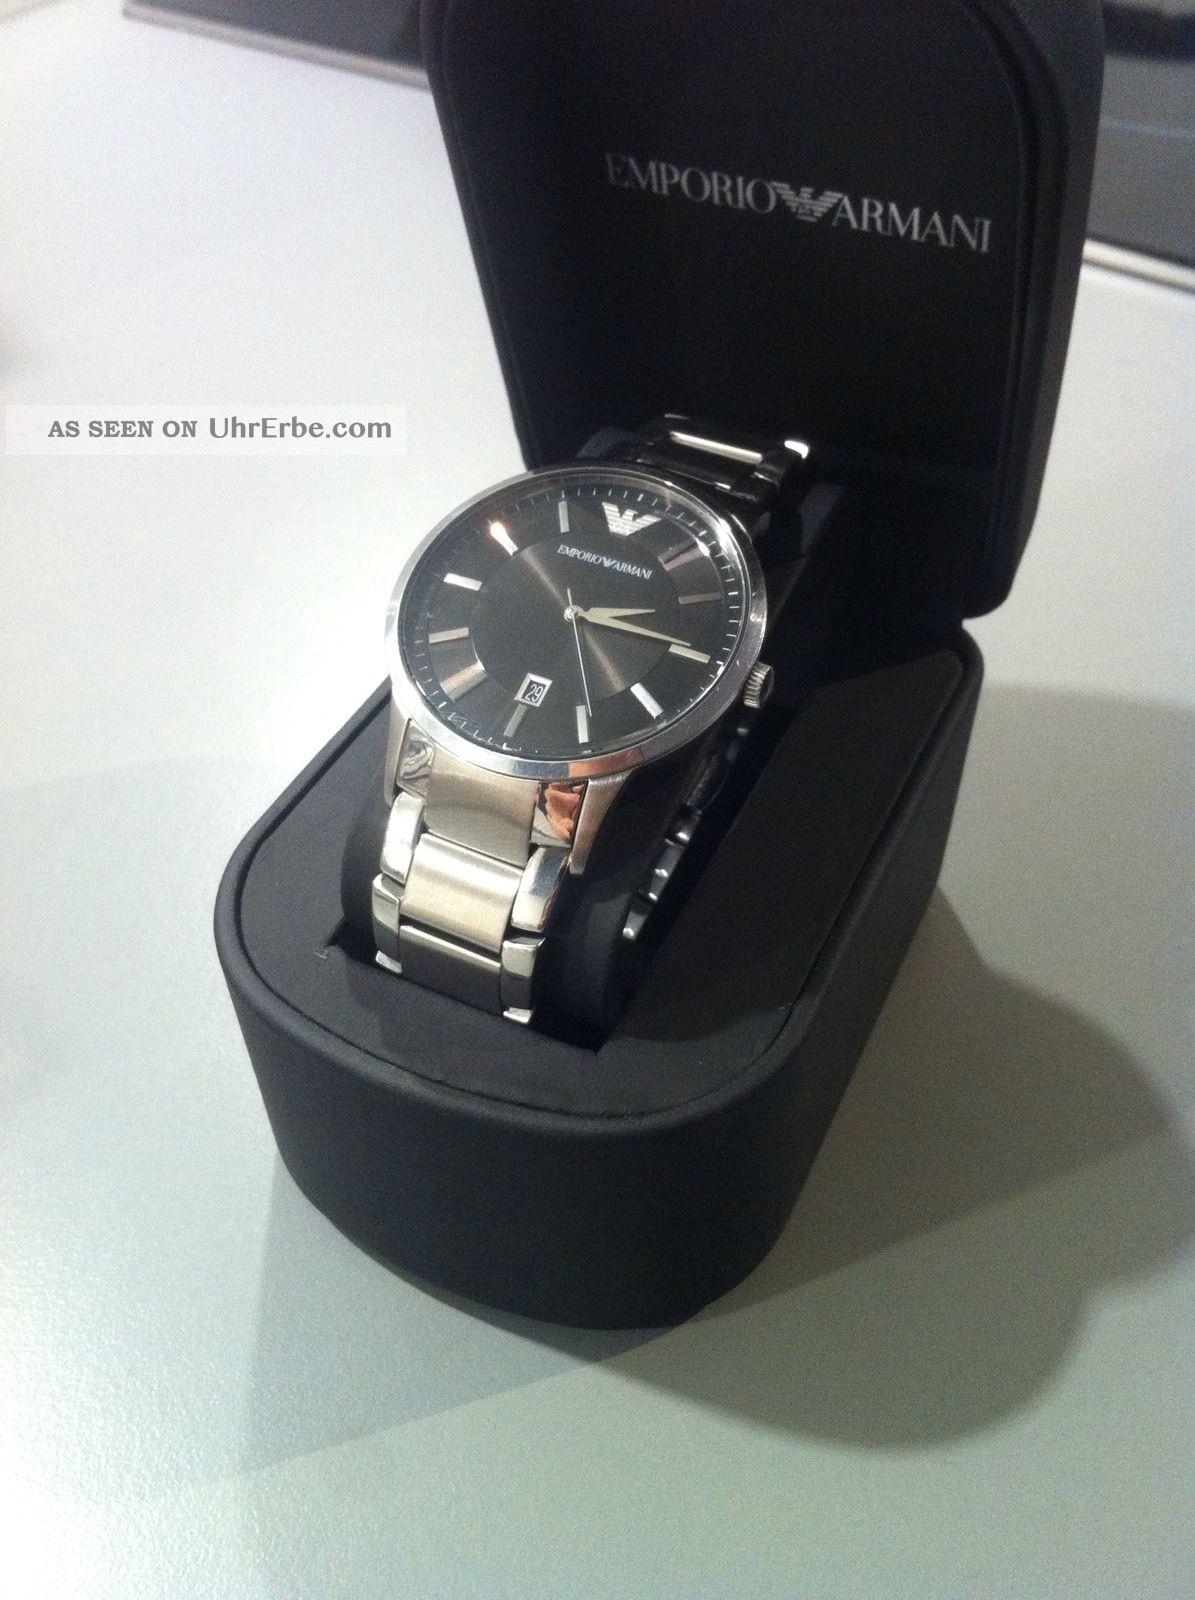 Emporio Armani Herrenuhr Ar 2427 Edelstahl Flaches Design Armbanduhren Bild